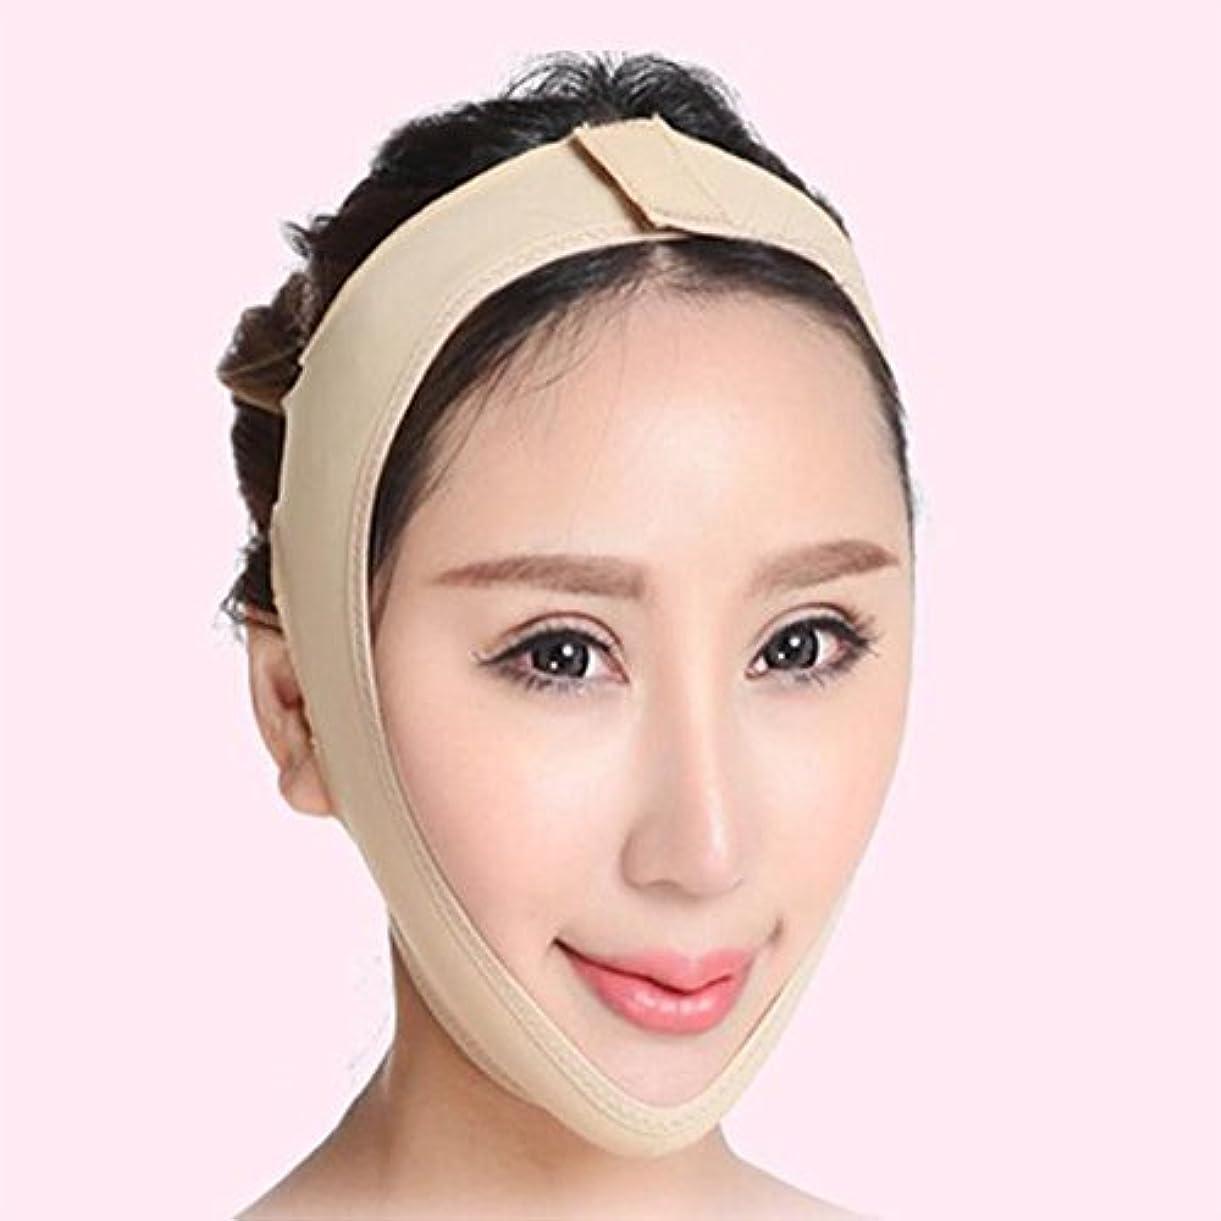 フリル毒性カロリーSD 小顔 小顔マスク リフトアップ マスク フェイスライン 矯正 あご シャープ メンズ レディース XLサイズ AZD15003-XL